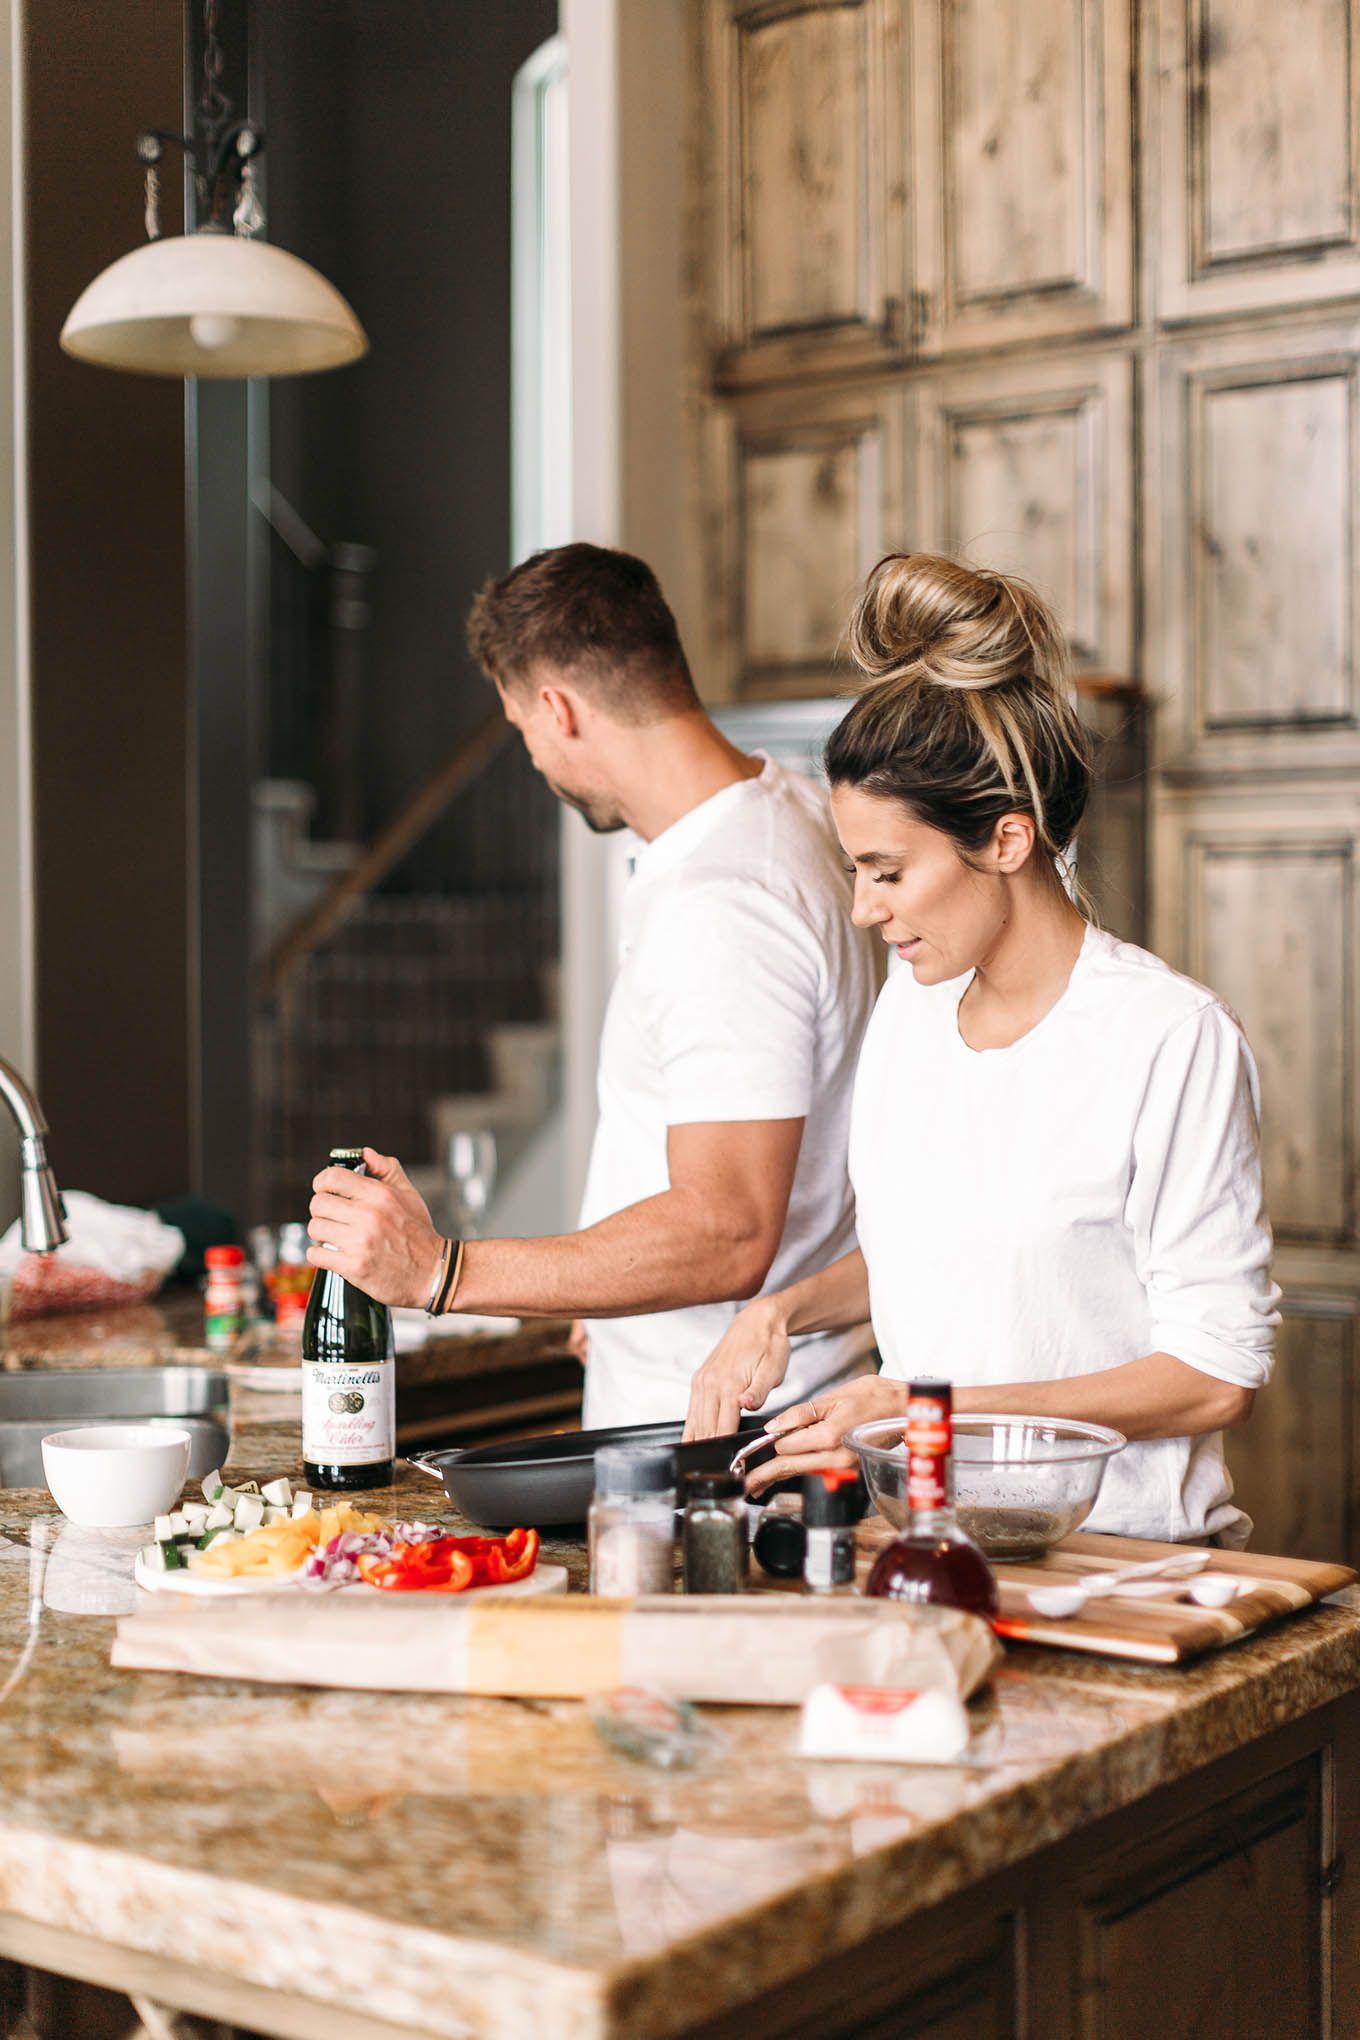 начале готовлю ужин дома картинки дзинтару золотая